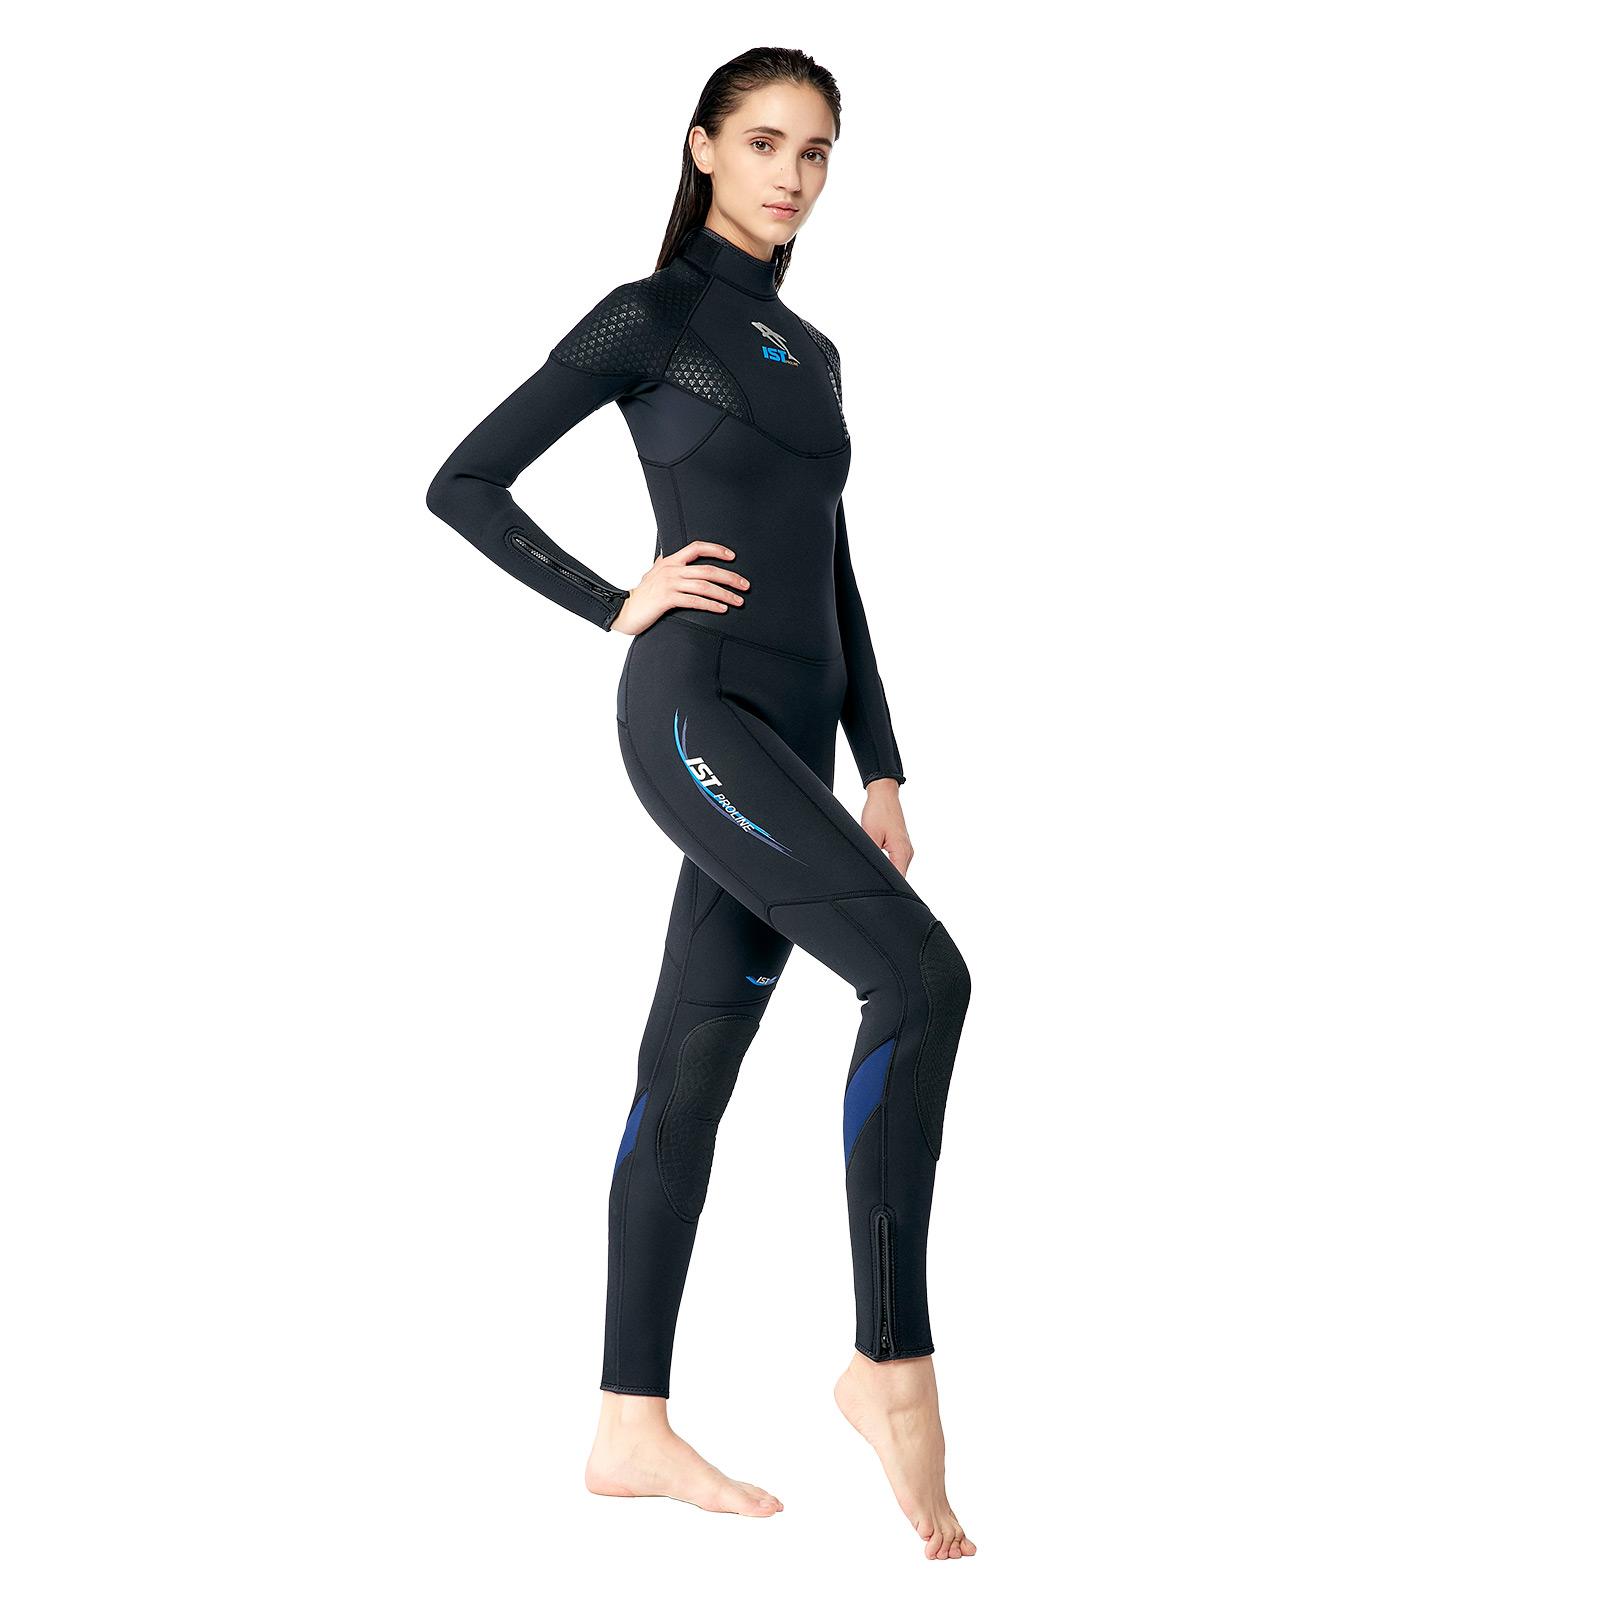 5mm Women's Diving Jumpsuits